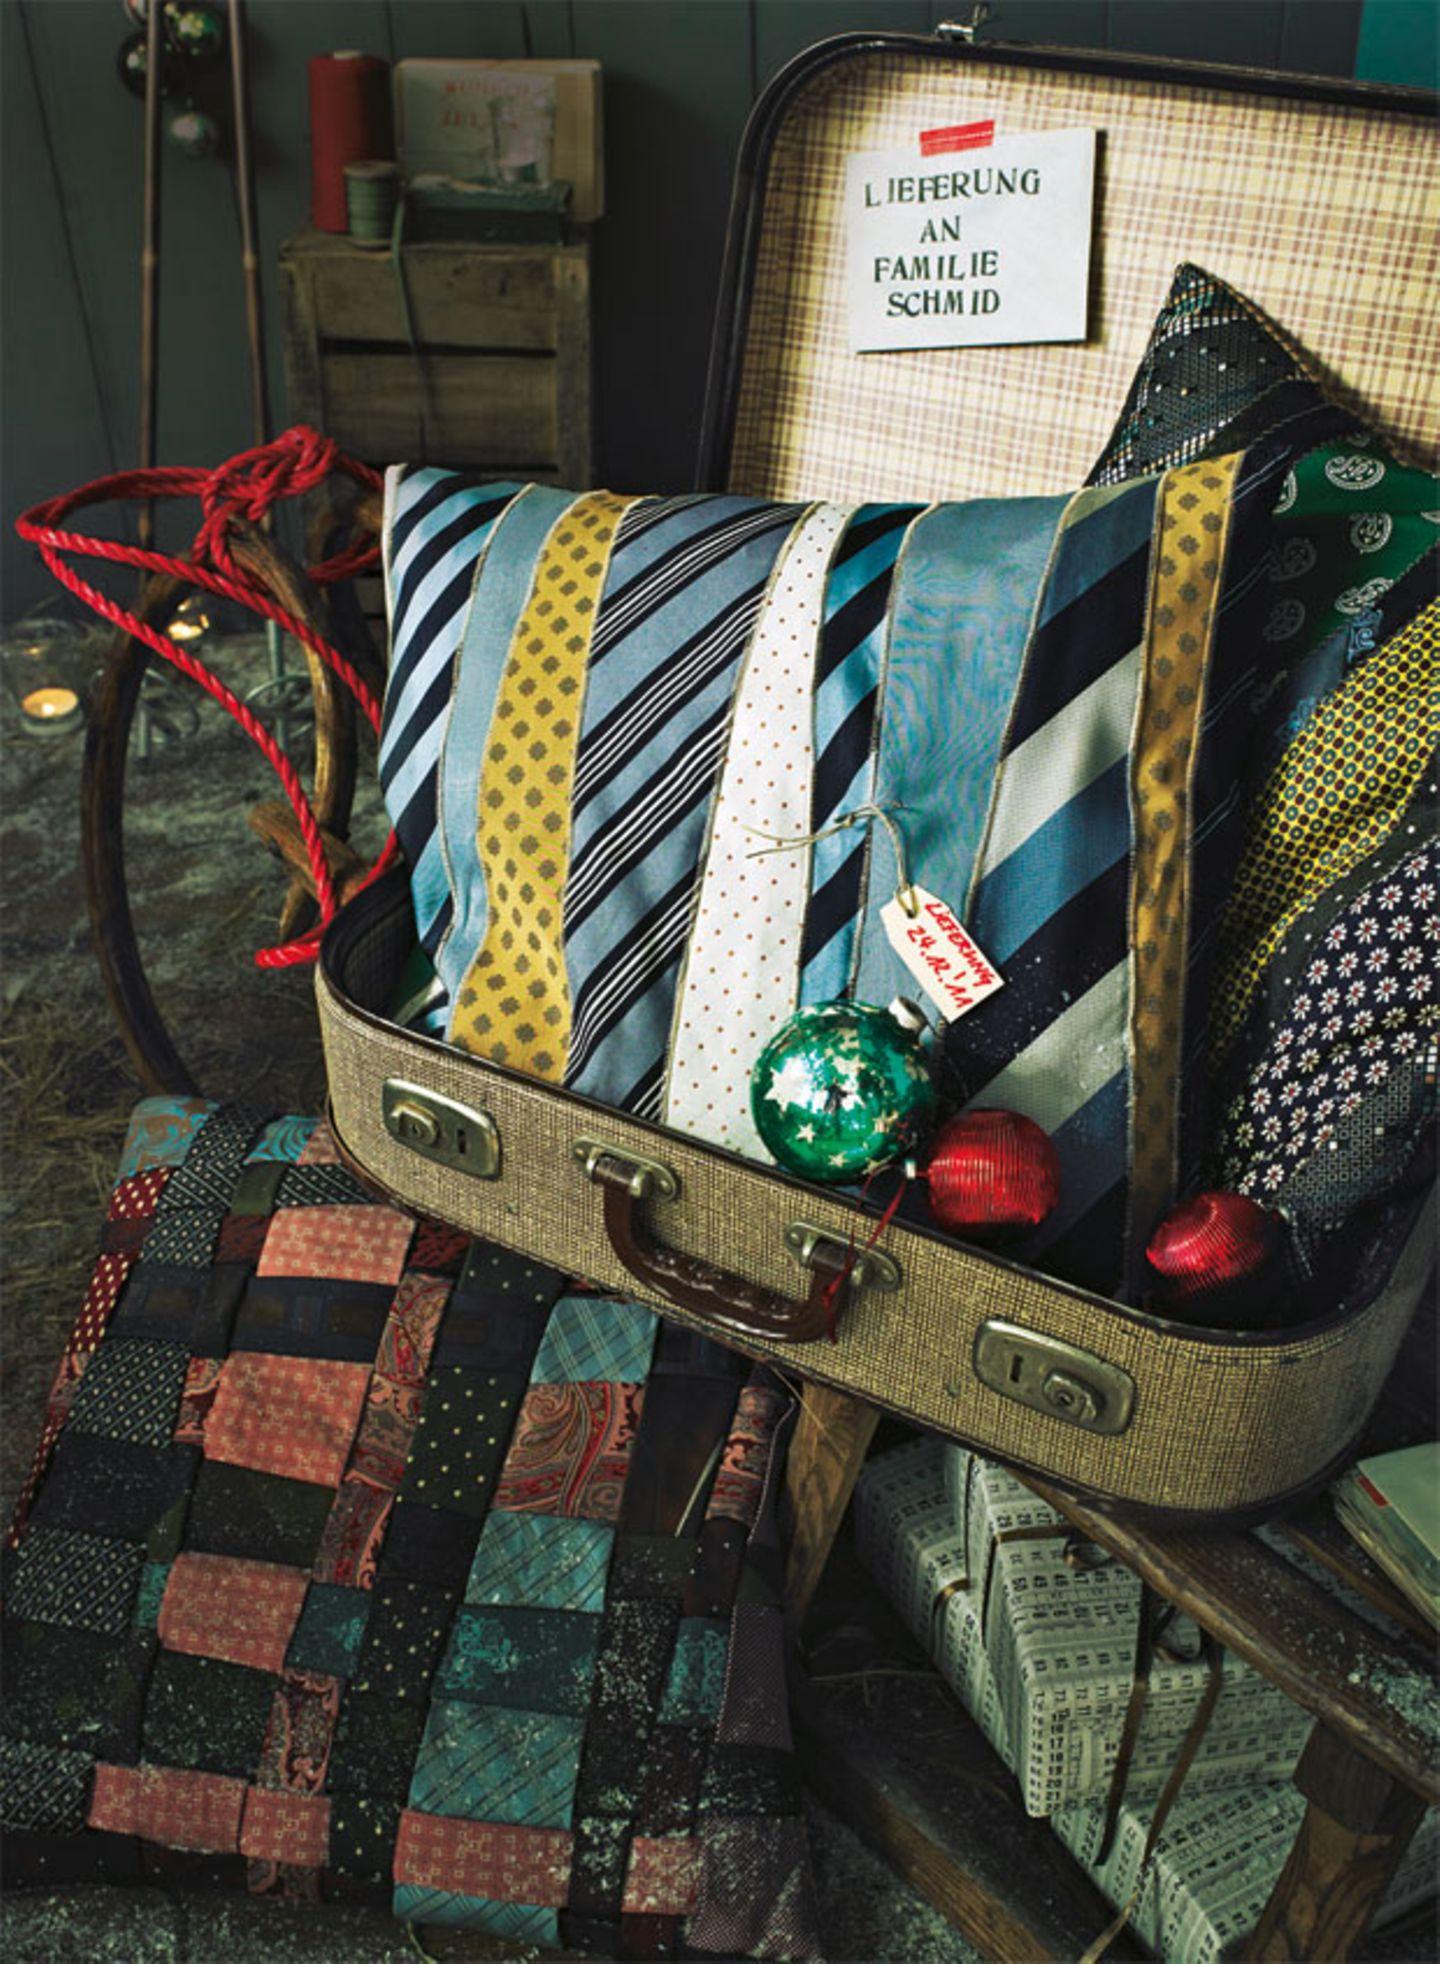 Kissen aus Krawatten nähen - so geht's